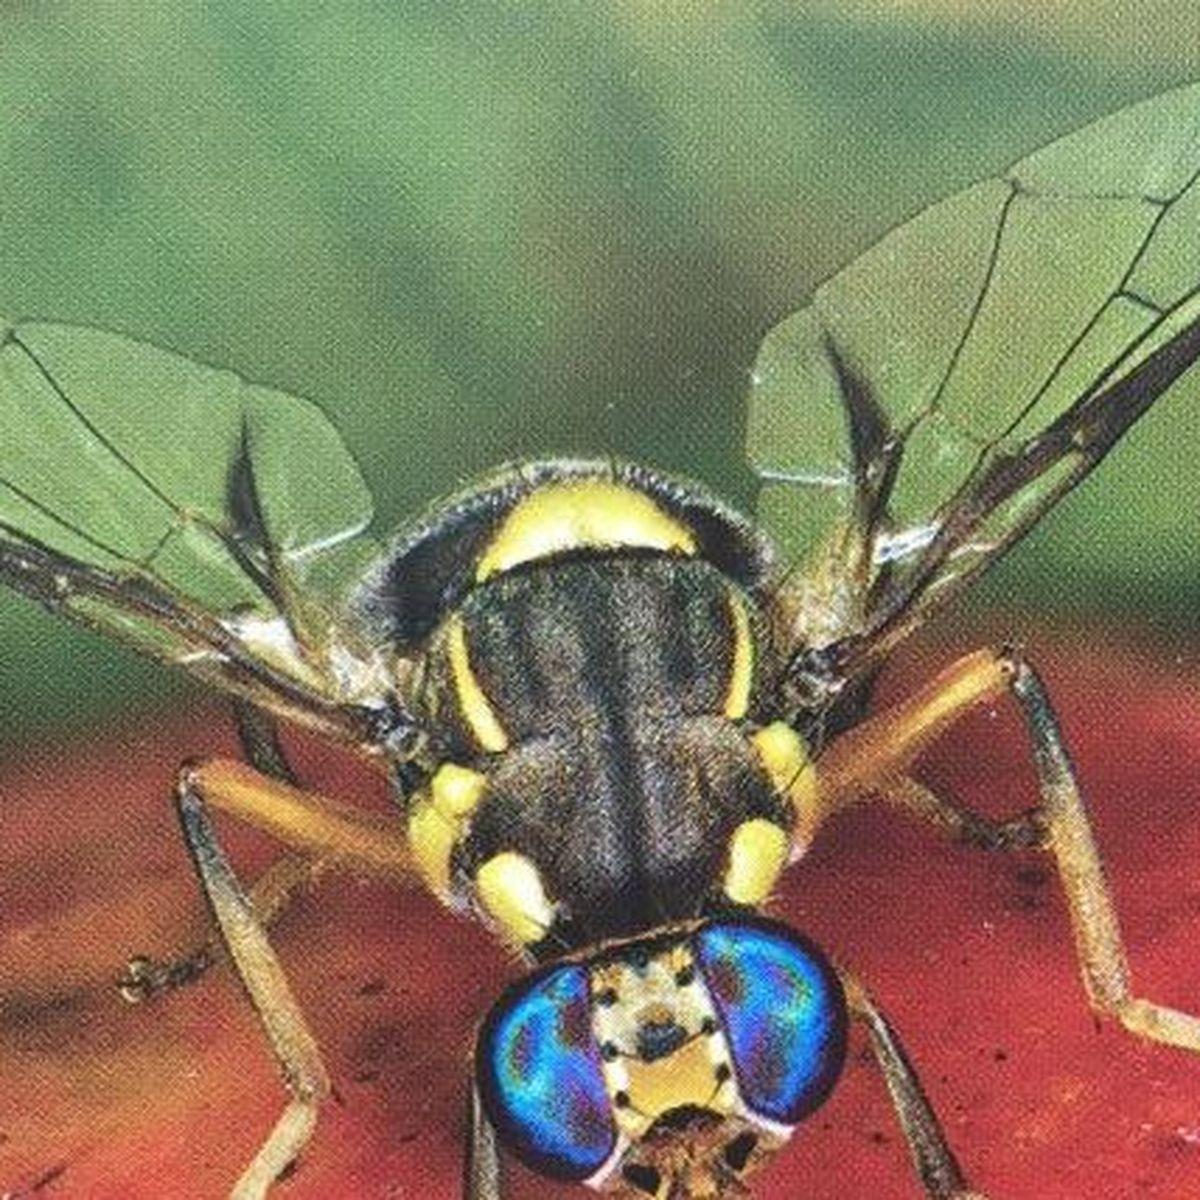 Comment Eliminer Les Moucherons Des Fruits attention à vos fruits et légumes, l'invasion des mouches